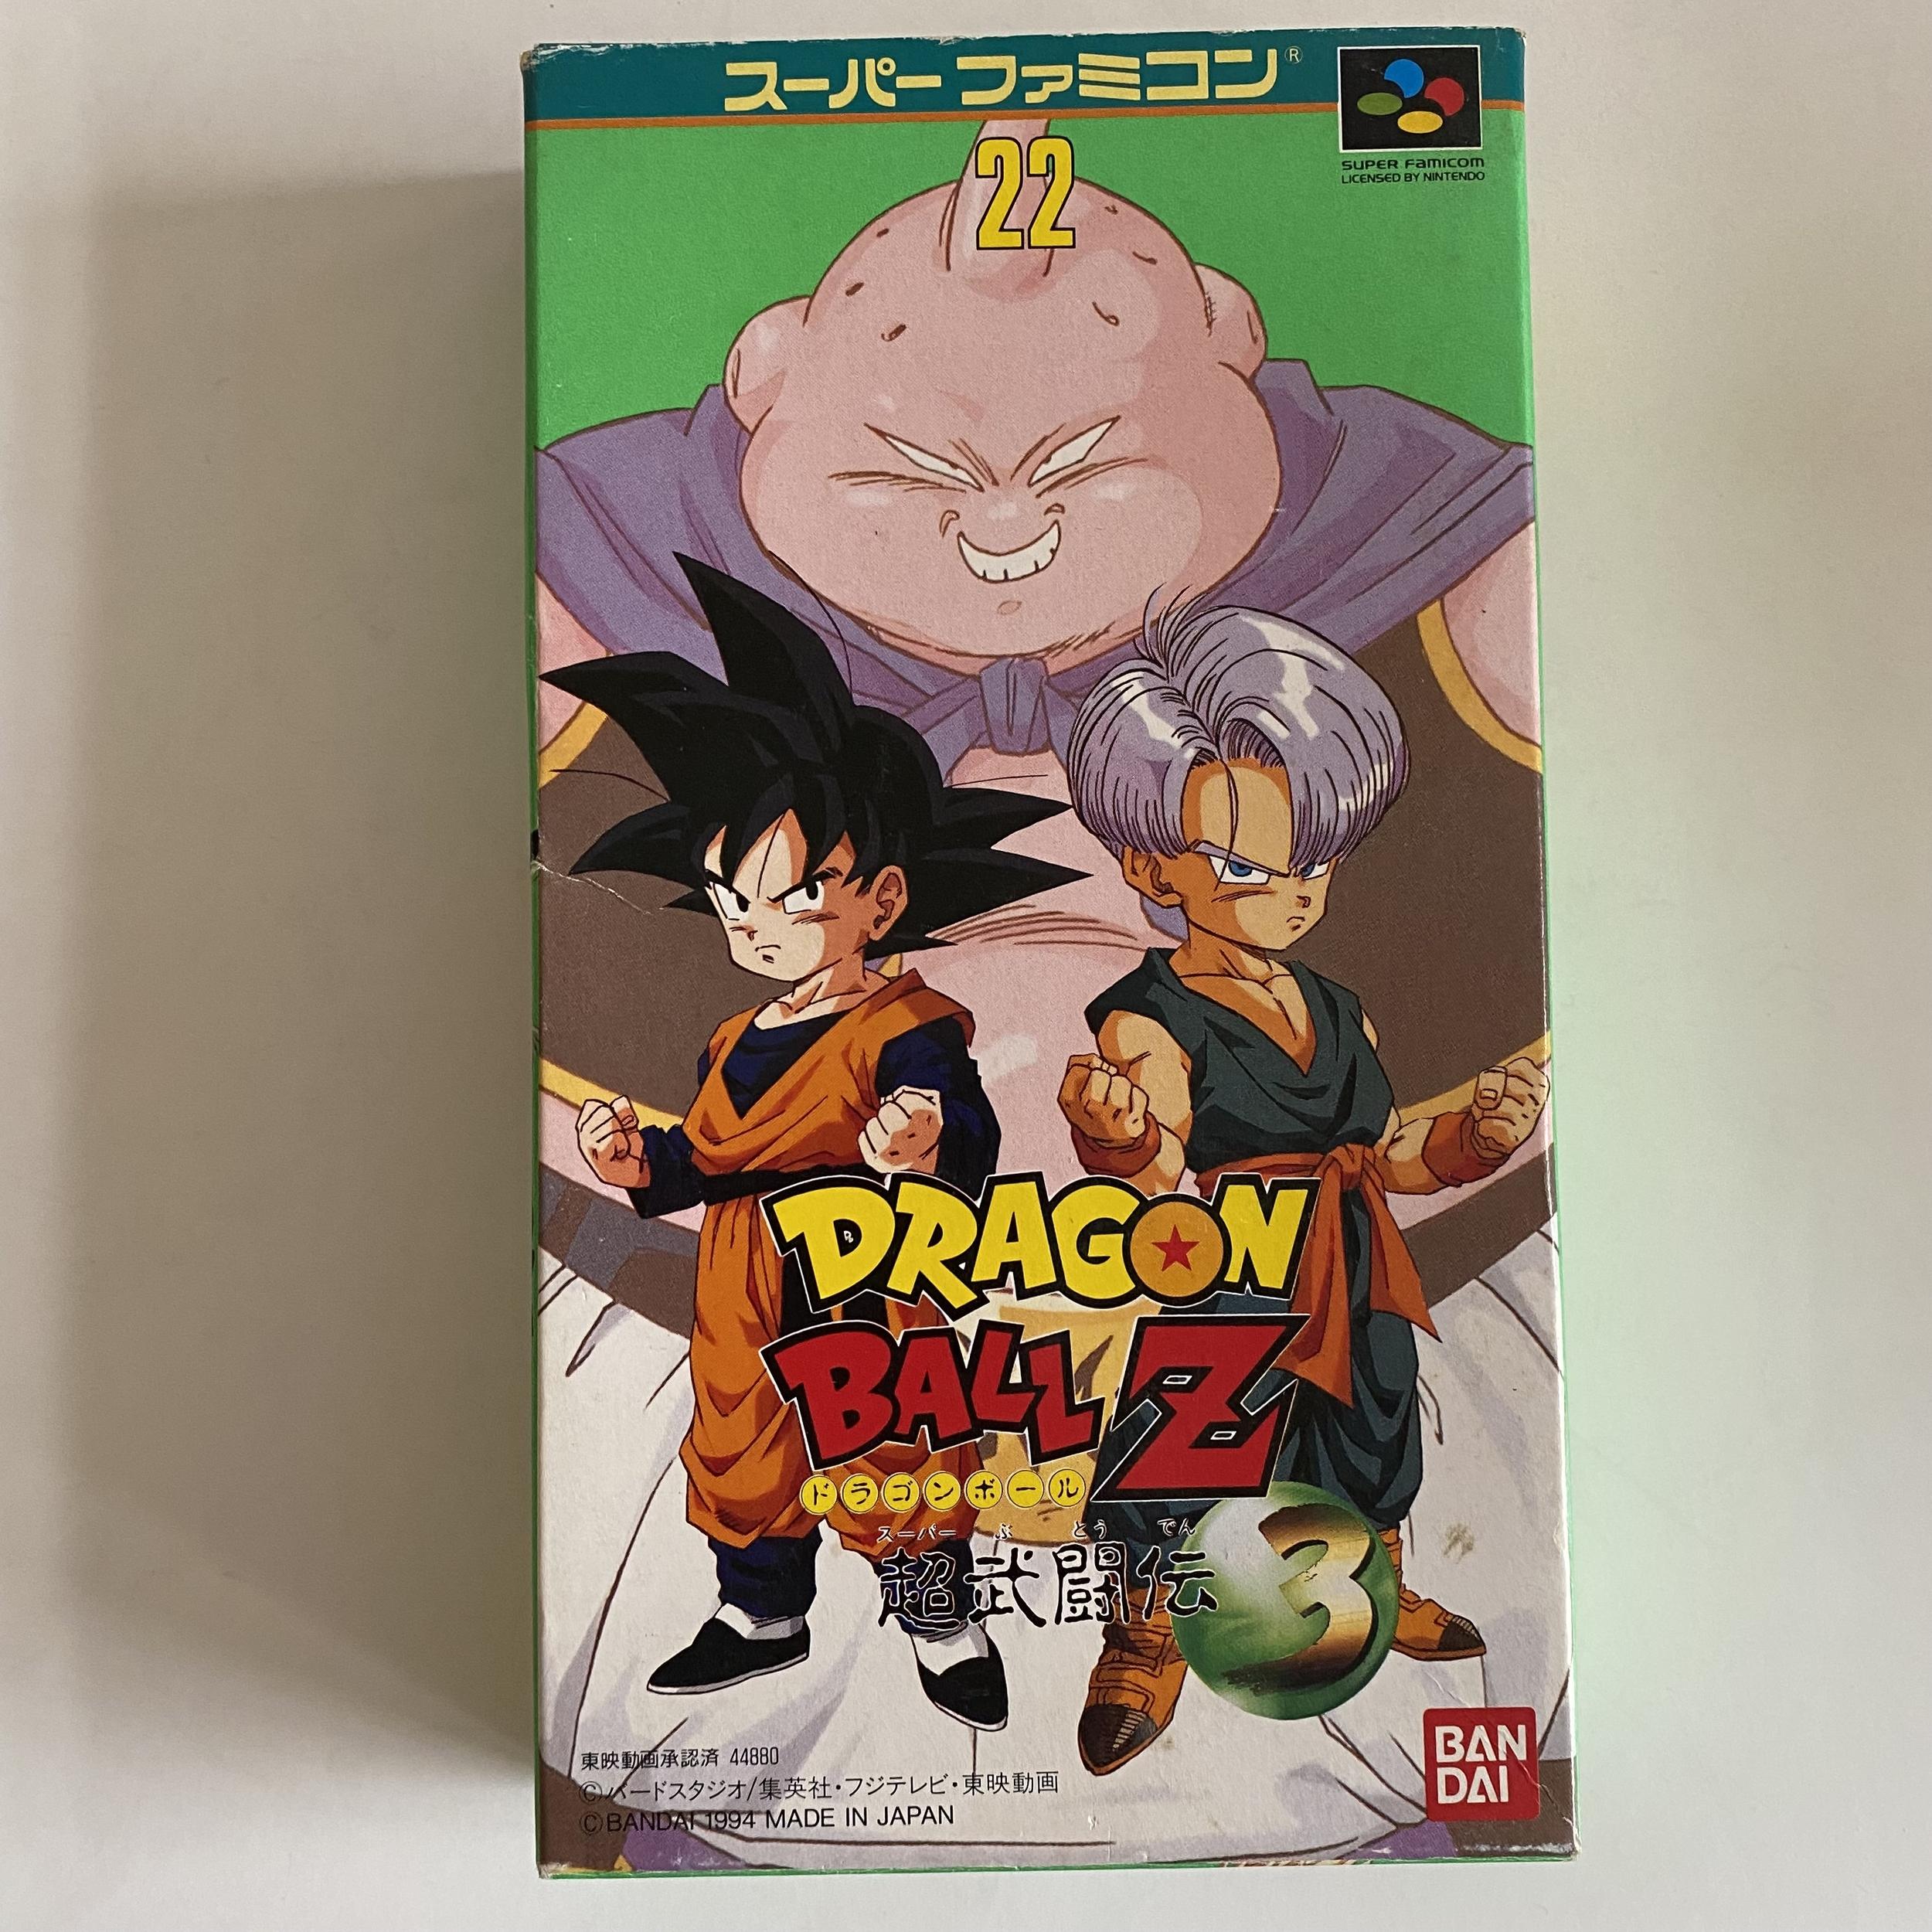 Dragon Ball Z 3 - Super Famicom